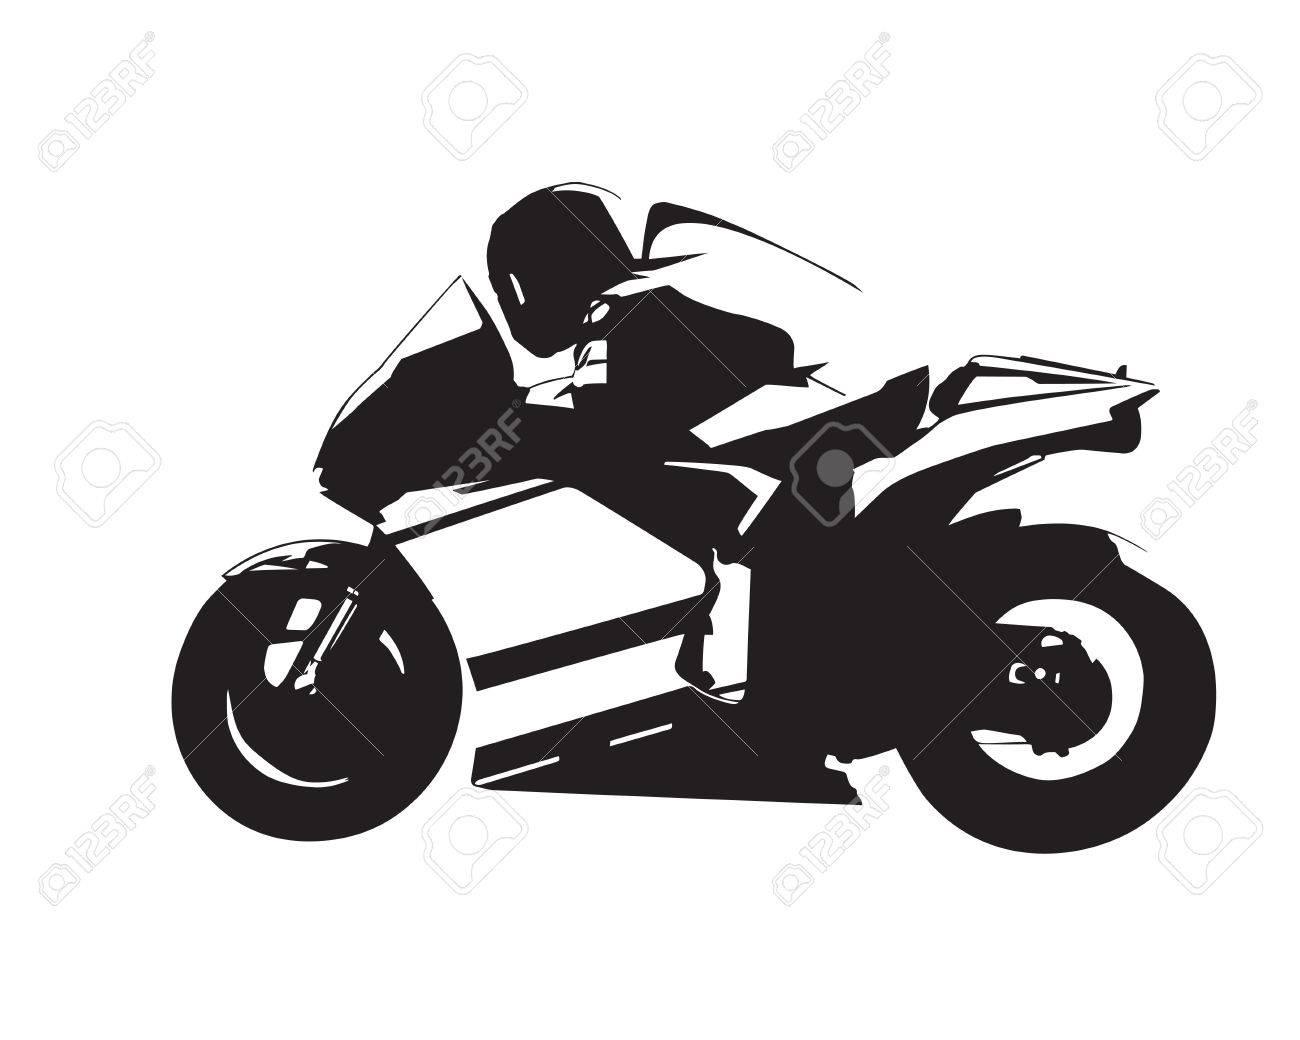 Beste Moto Vorlagen Fotos - Beispielzusammenfassung Ideen - vpsbg.info